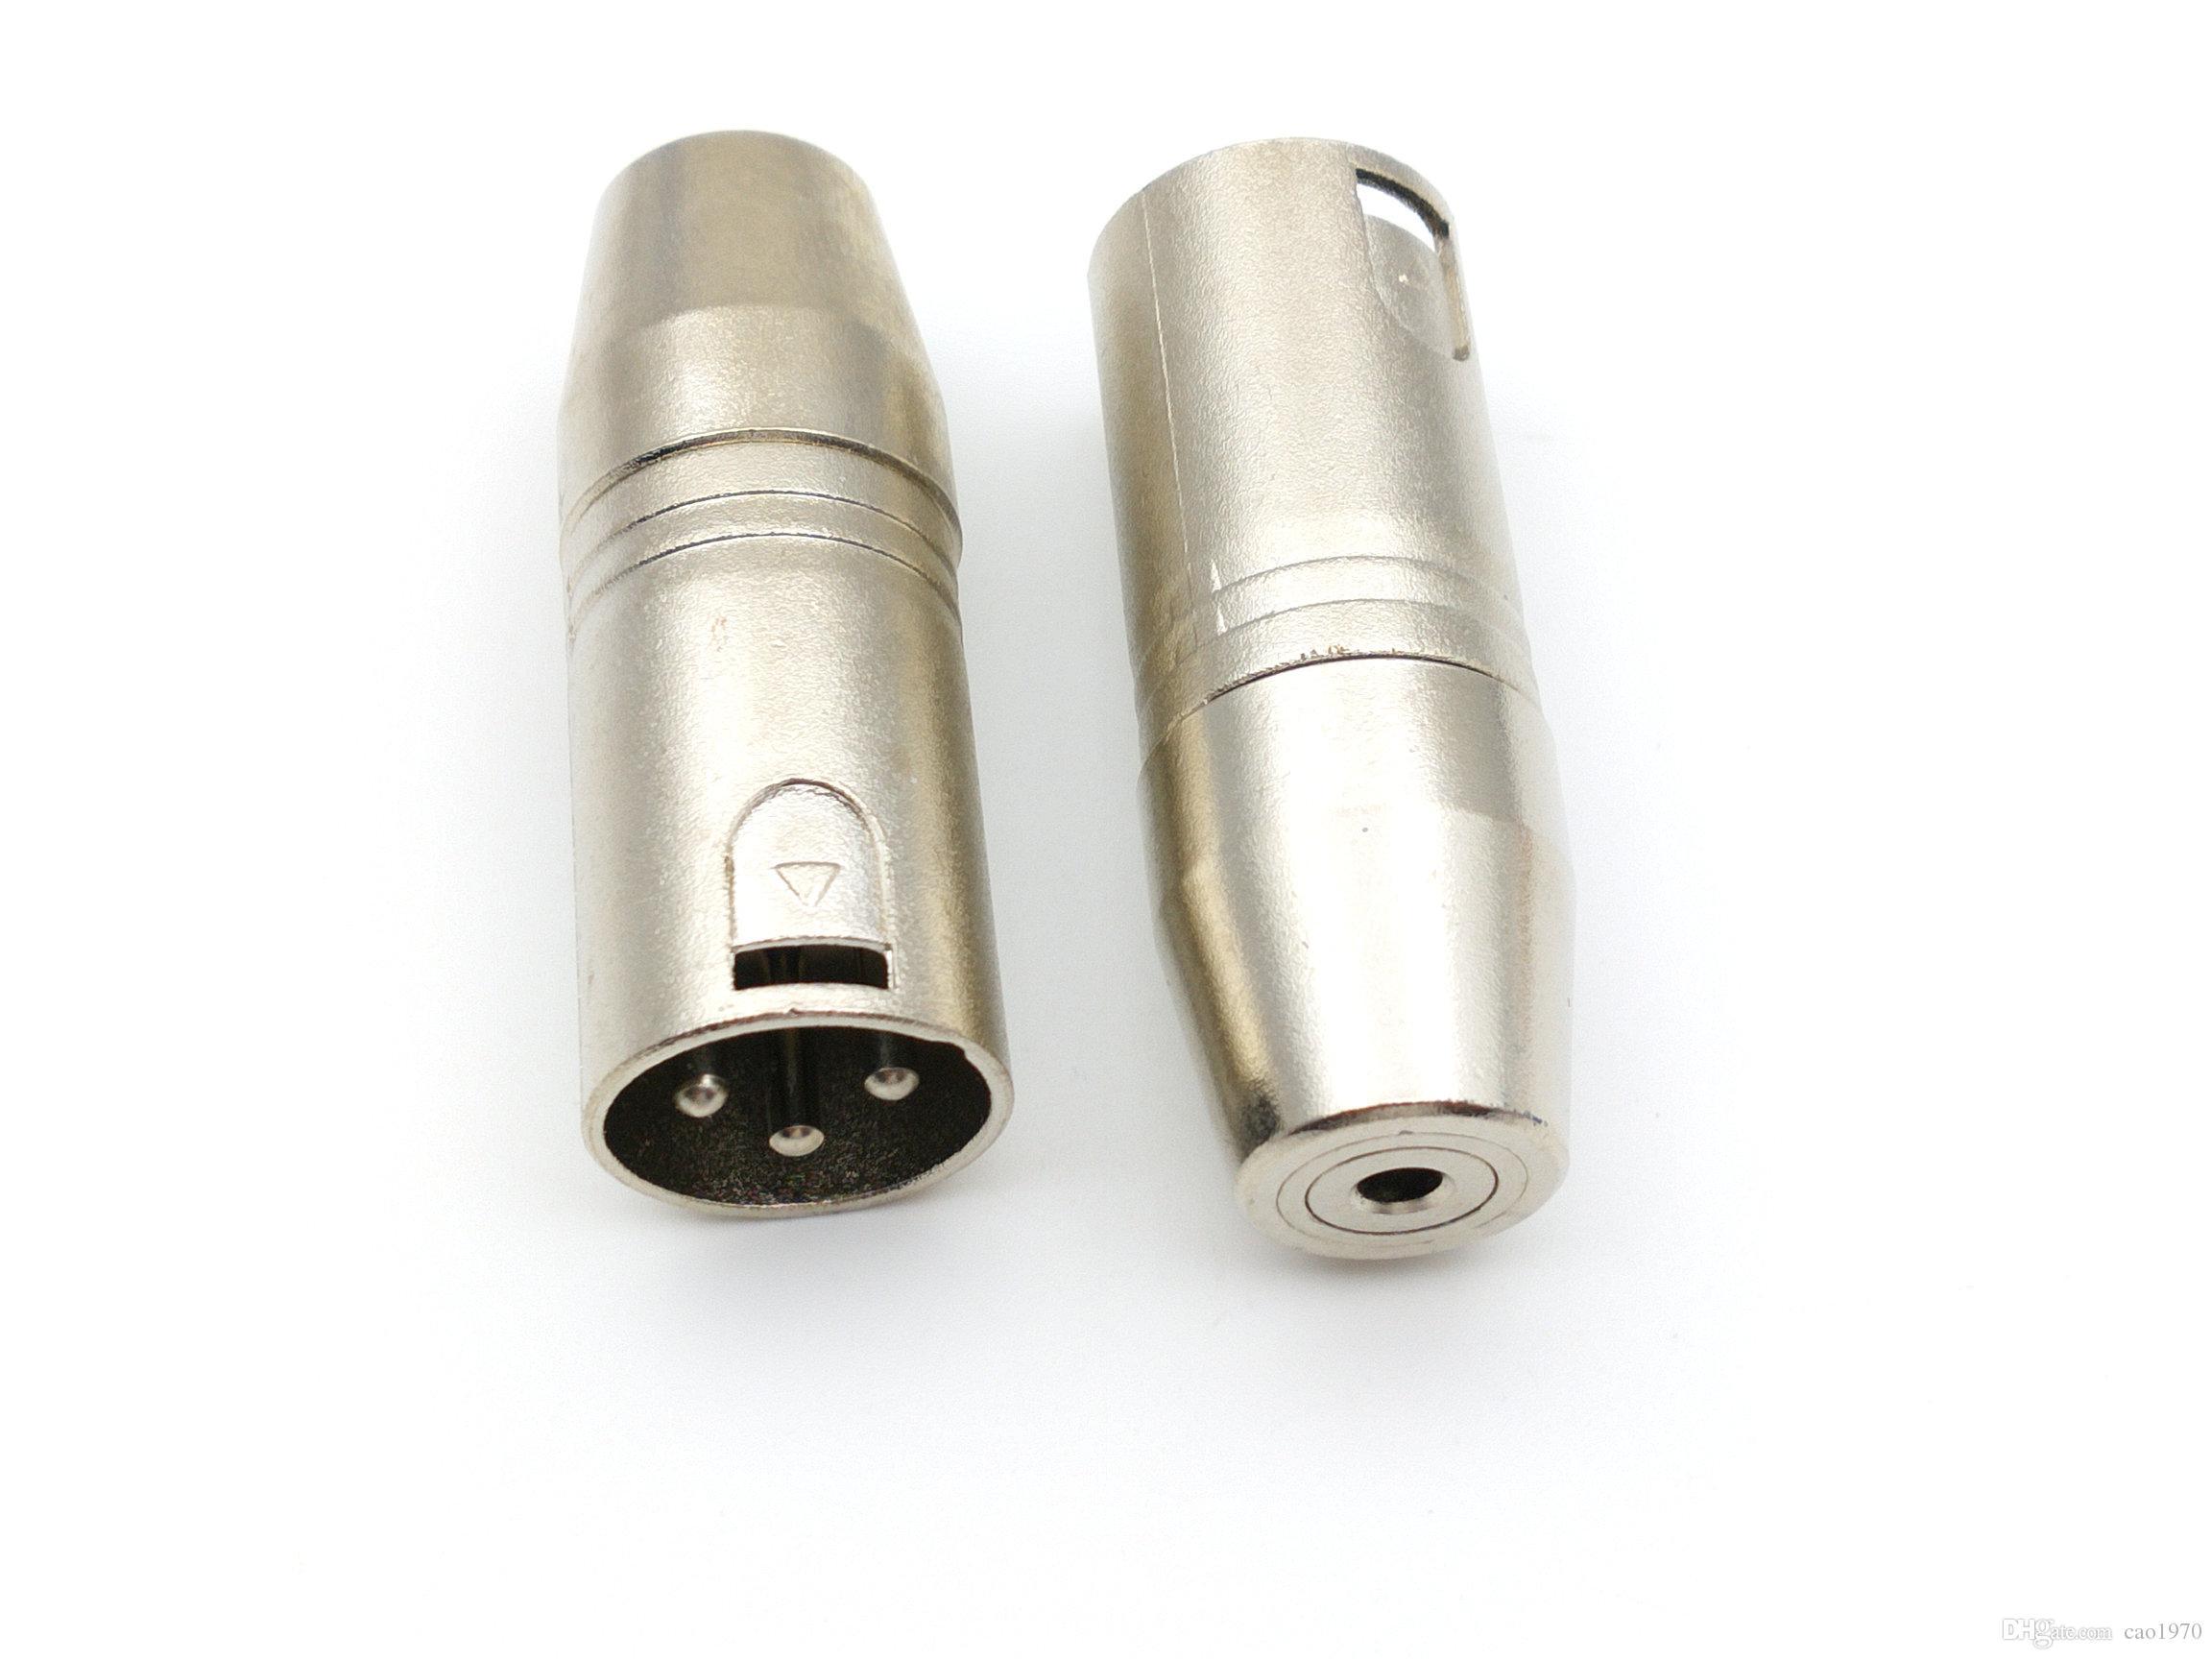 10PCS 3 دبوس XLR الصوت ذكر التوصيل موصل إلى موصل ستيريو 3.5mm موصل